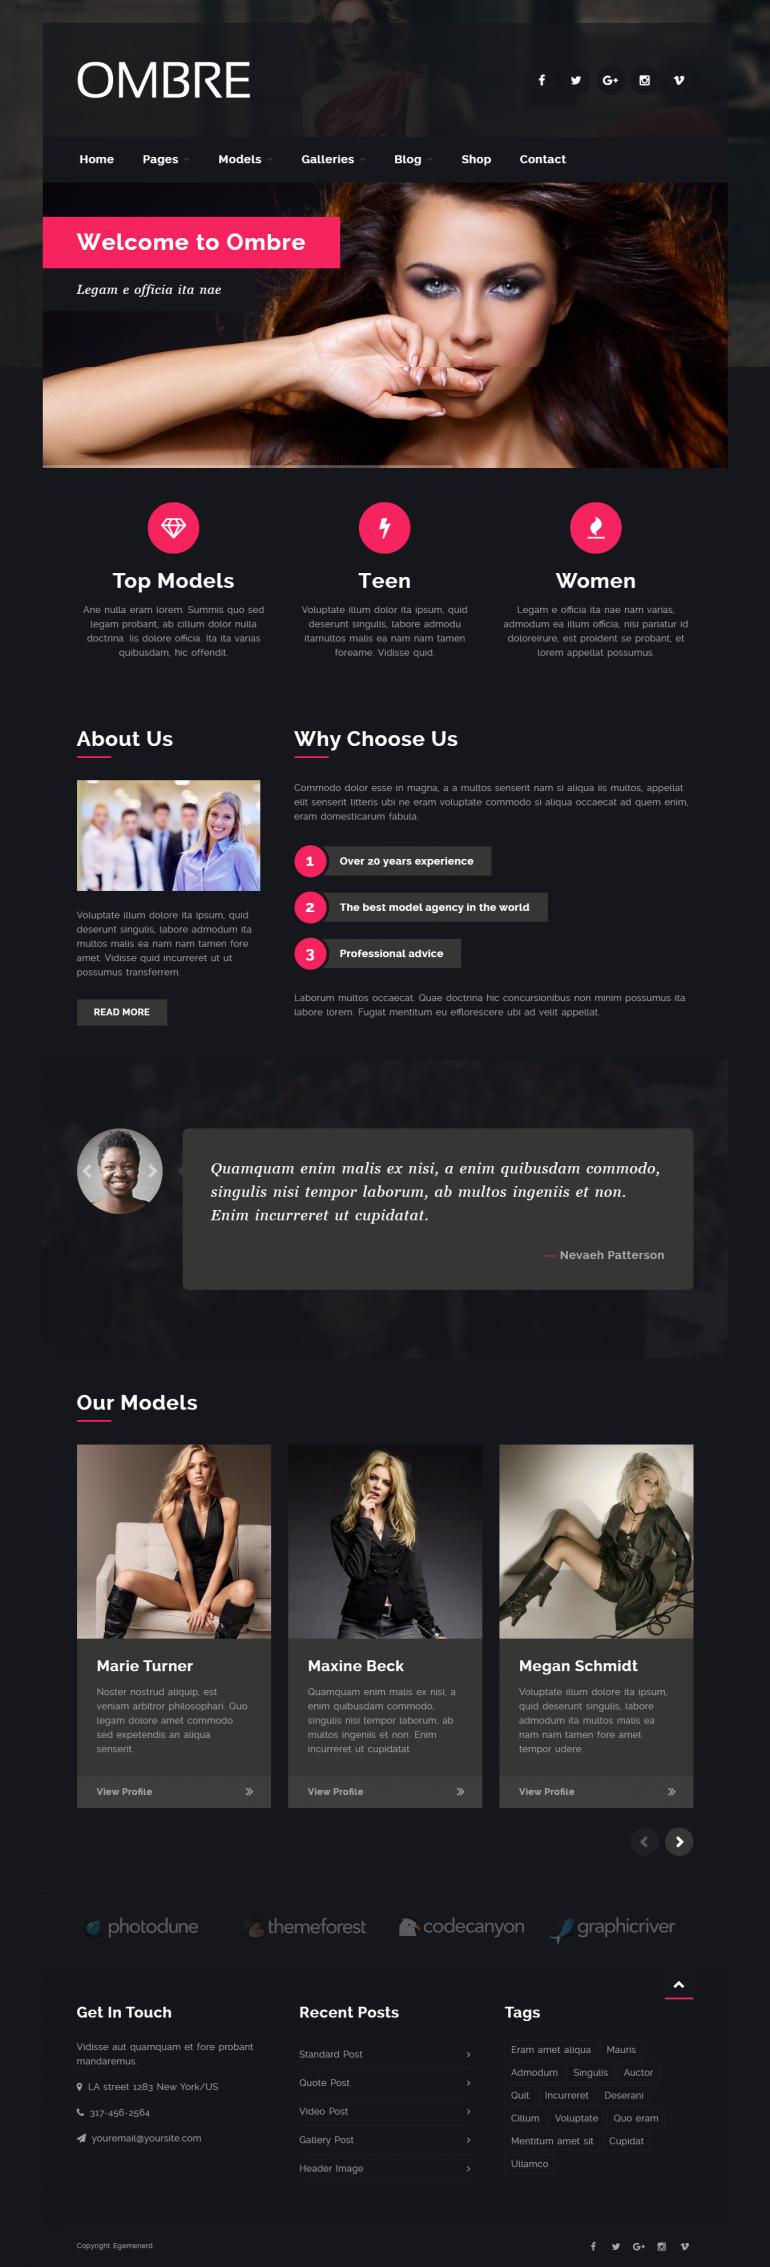 OMBRE – Model Agency